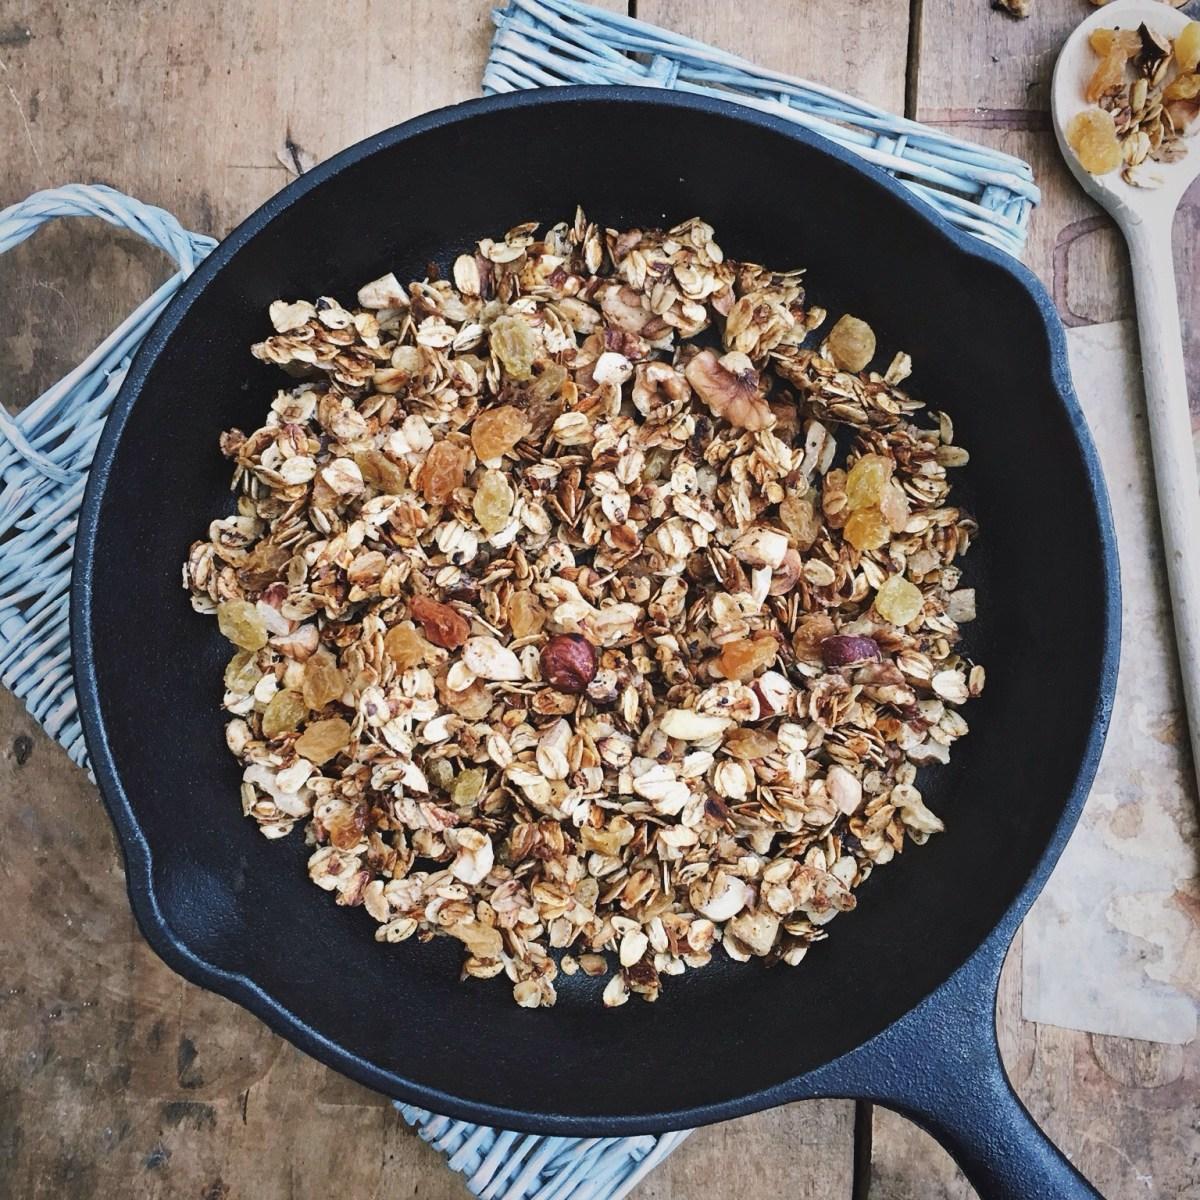 Snelle granola uit de pan met Chinese 5 spice